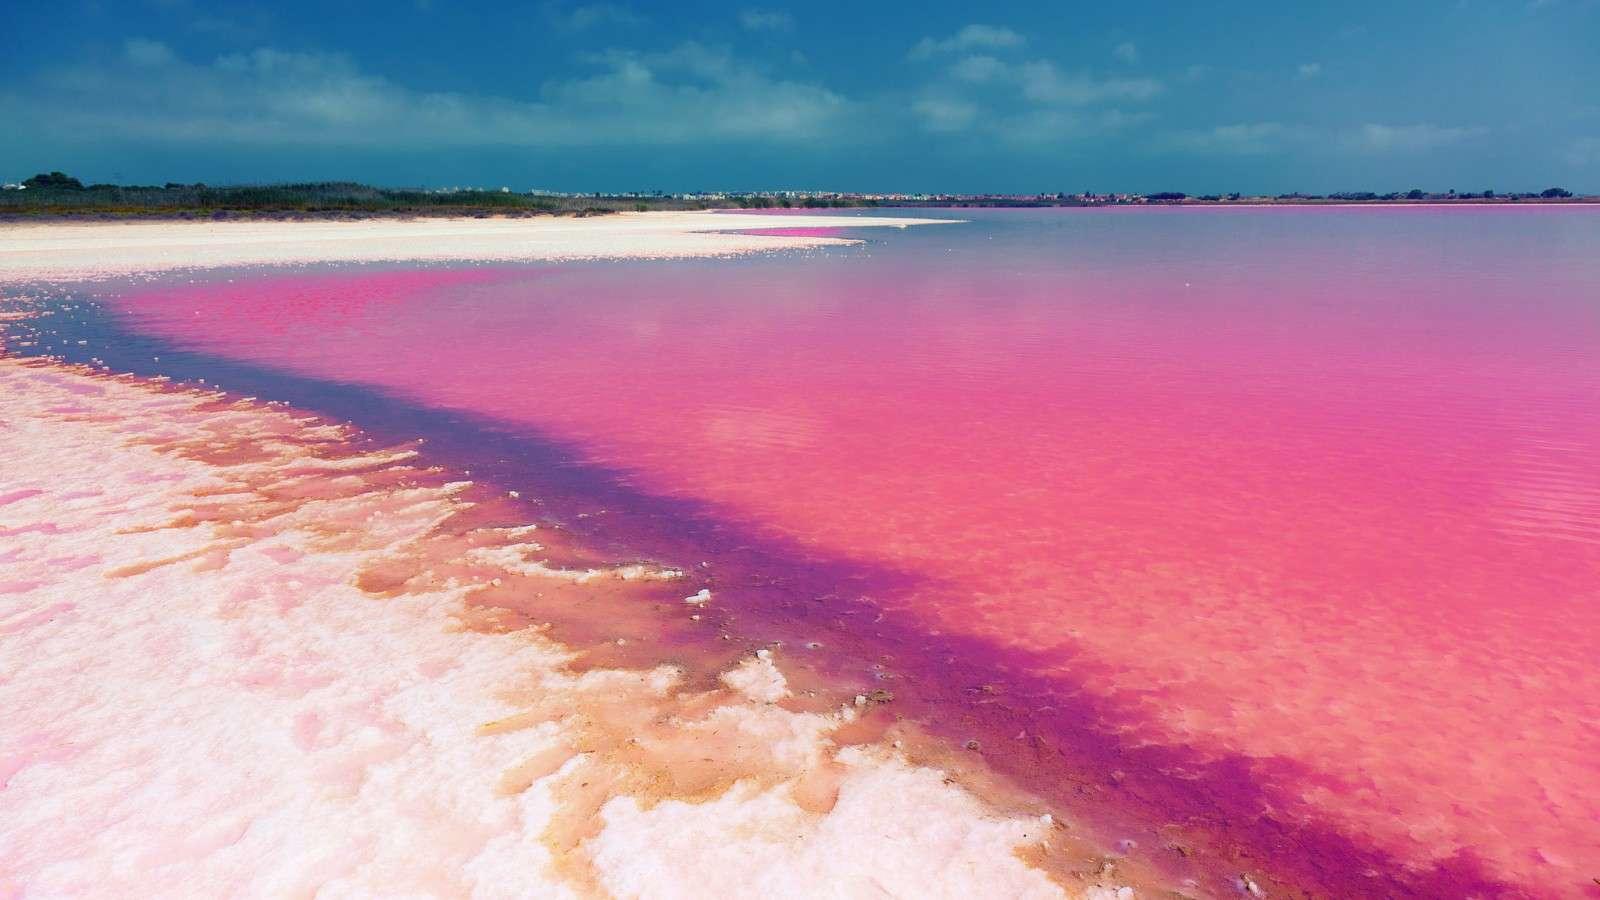 Hồ nước màu hồng ở Úc vẫn chưa tìm được lời giải